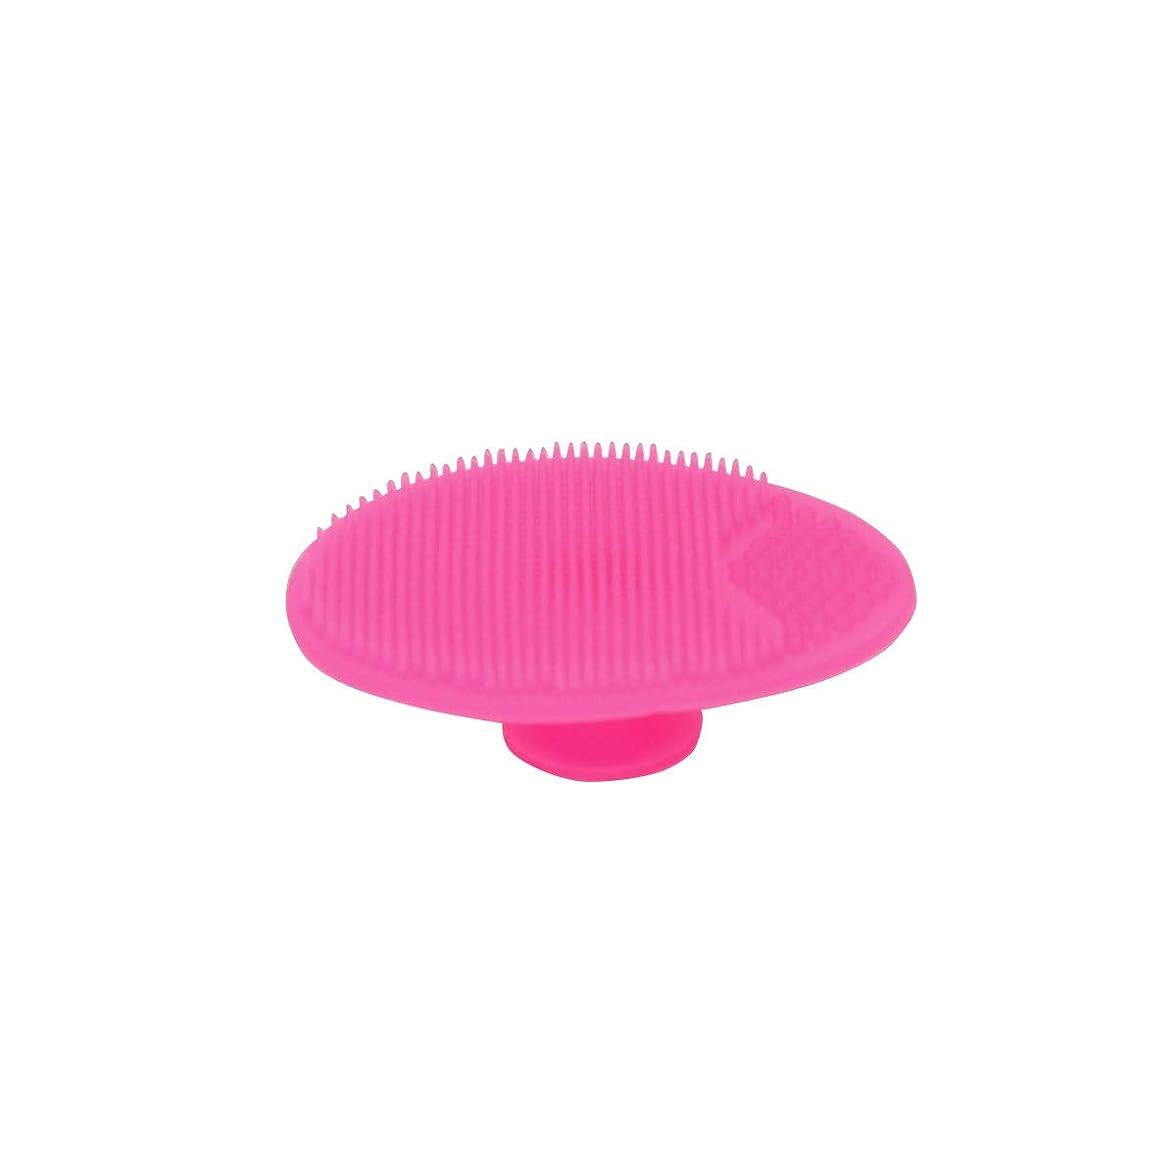 五十骨ホイッスルべビー用ボディブラシ ヘアブラシ シリコン製 小さいサイズ シャワーブラシ 赤ちゃん用ブラシ 成人用洗顔ブラシ 2点セット